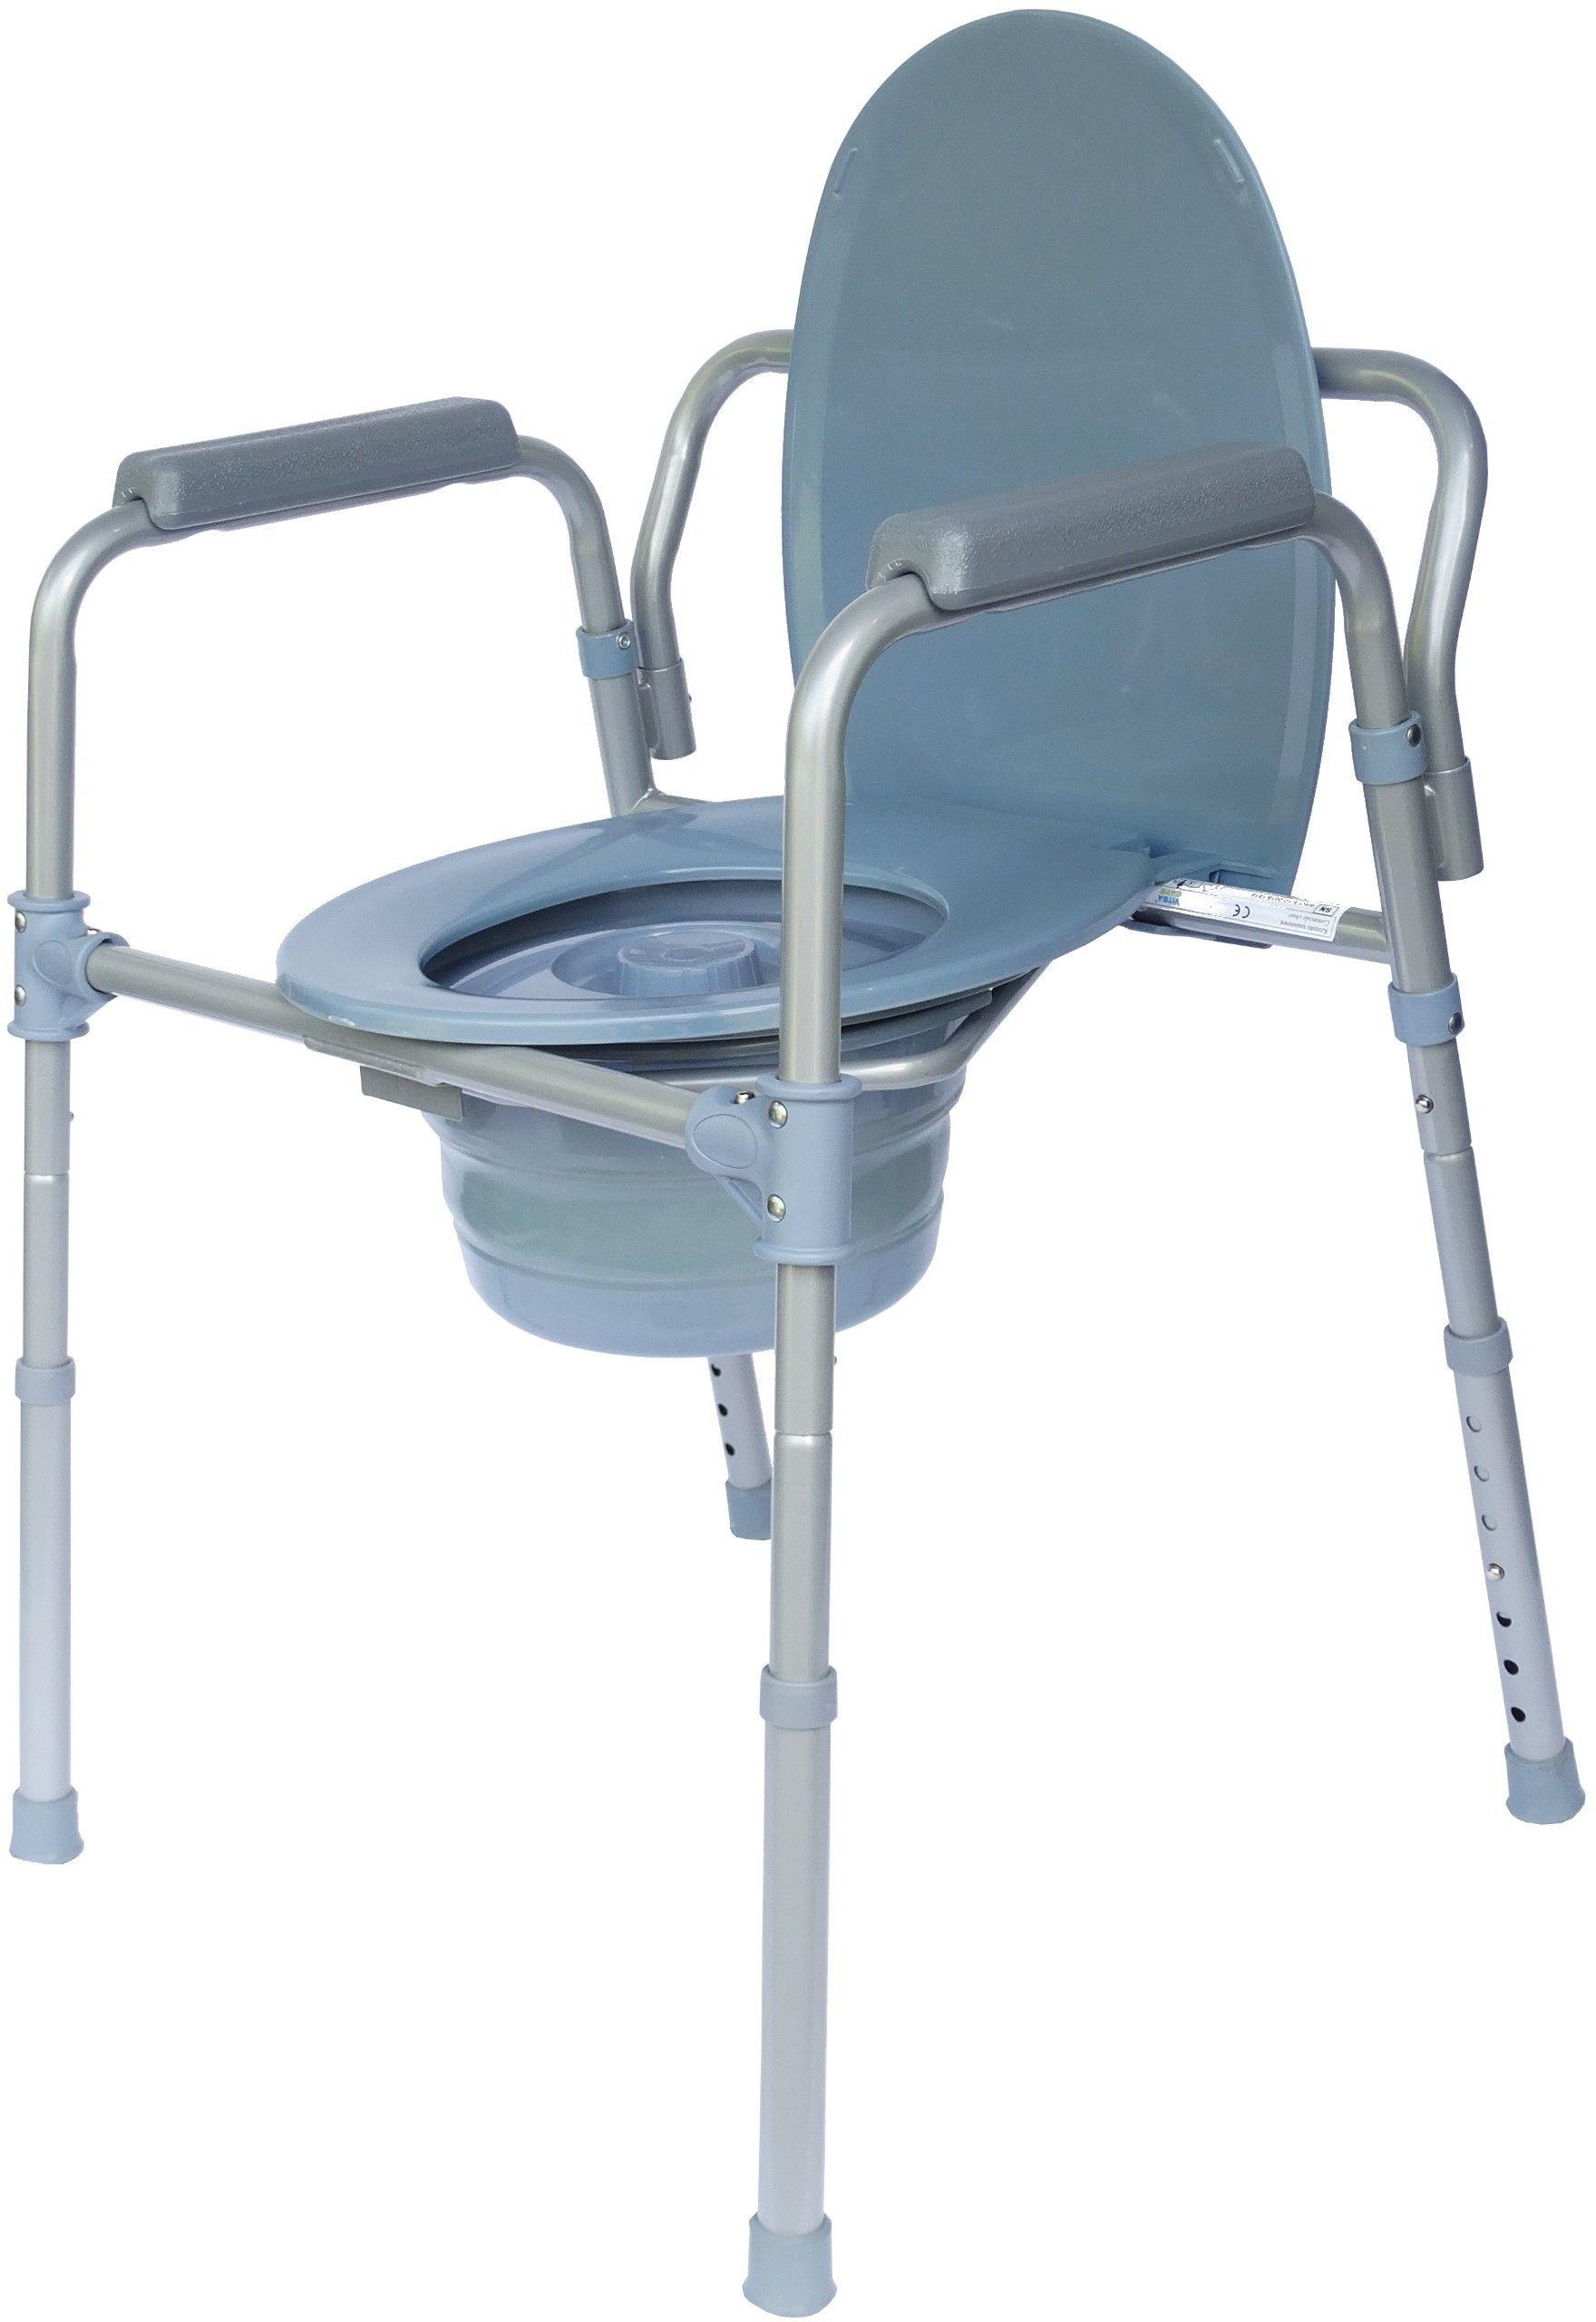 Krzesło toaletowe z regulacją wysokości ze składanym pojemnikiem VITEA CARE